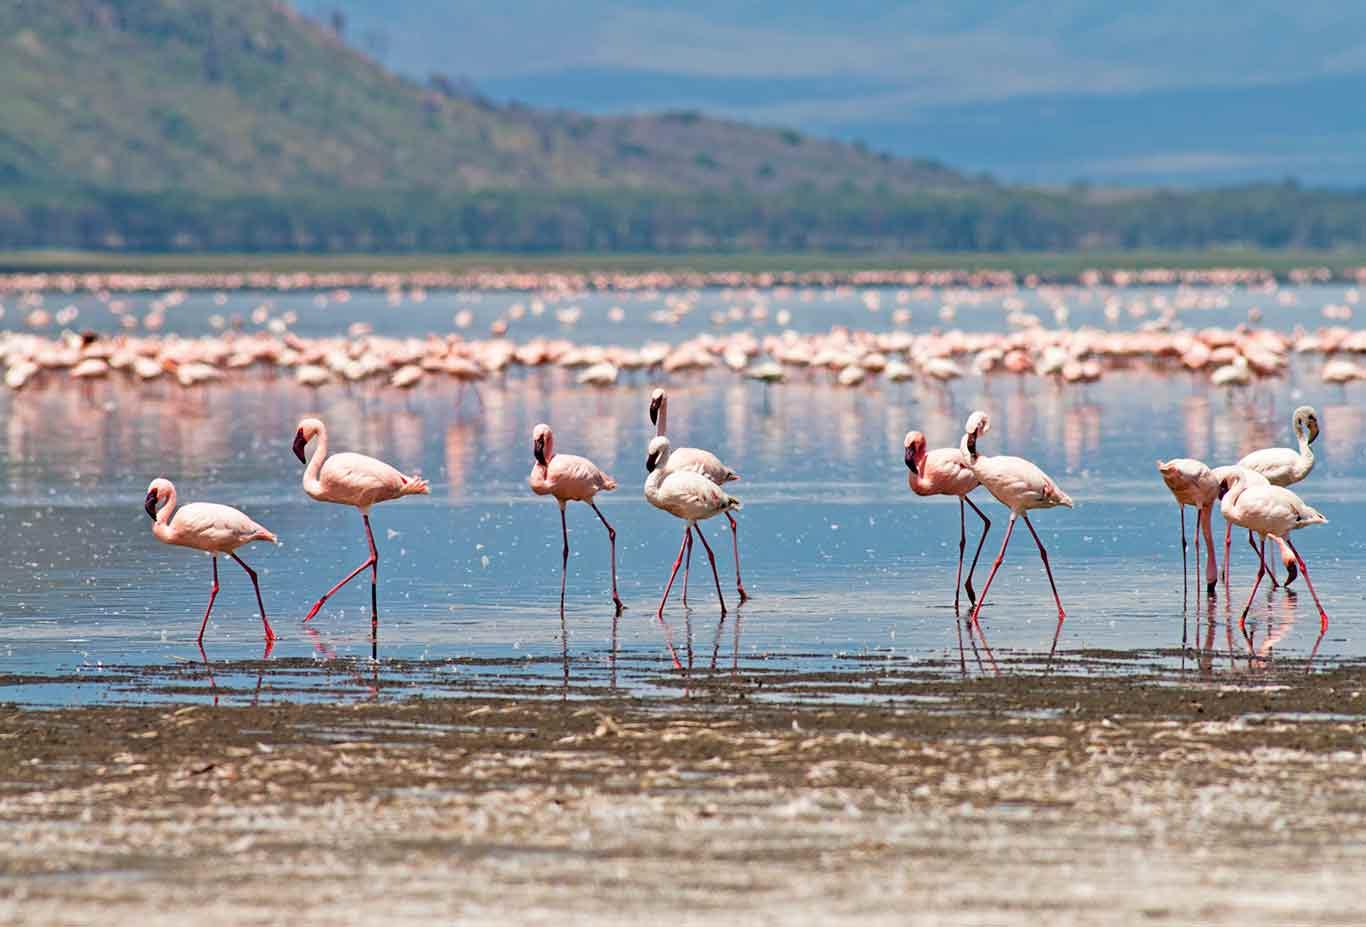 8-Day Trip to Kenya - Exploring Game Reserves, Big 5 Sighting 3